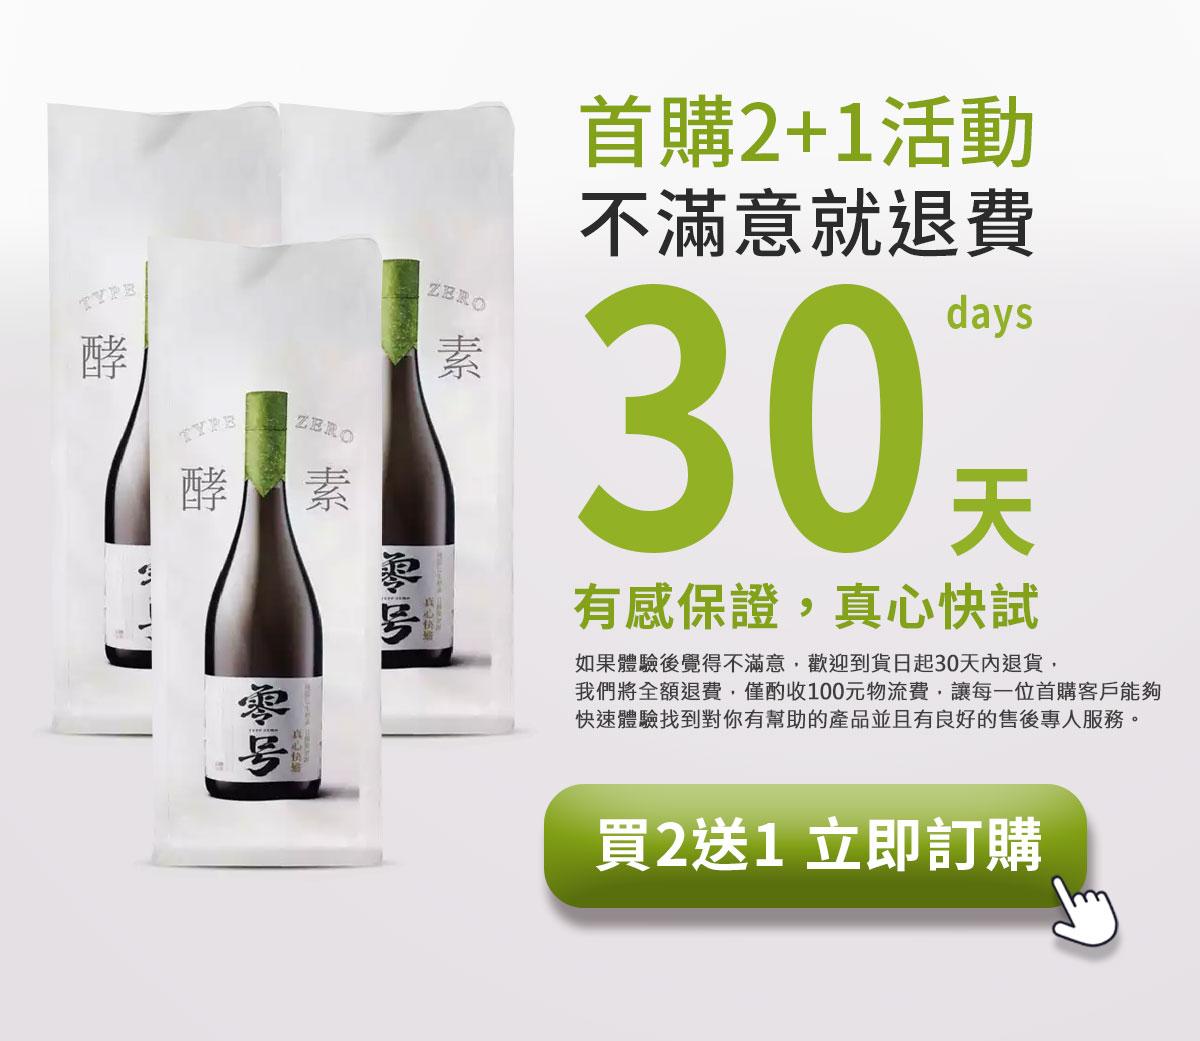 日本零號生酵素-101綜合蔬果酵素-100萬高濃度SOD-排空歸零養顏美容-首購2+1不滿意30天讓你退費